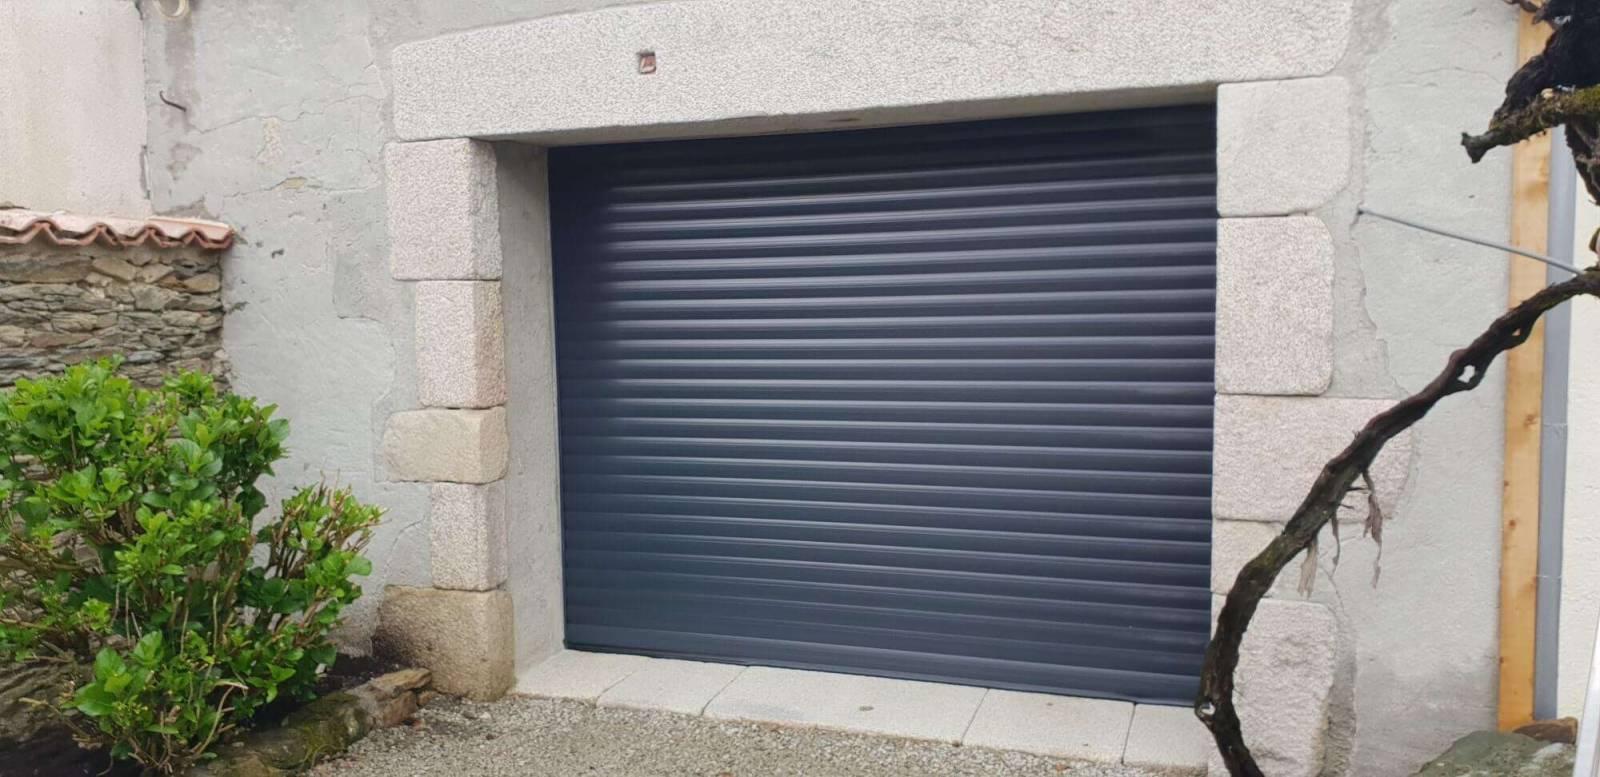 La porte de garage enroulable mod le enroulable bourg en bresse v randas heinrich - Porte de garage design ...